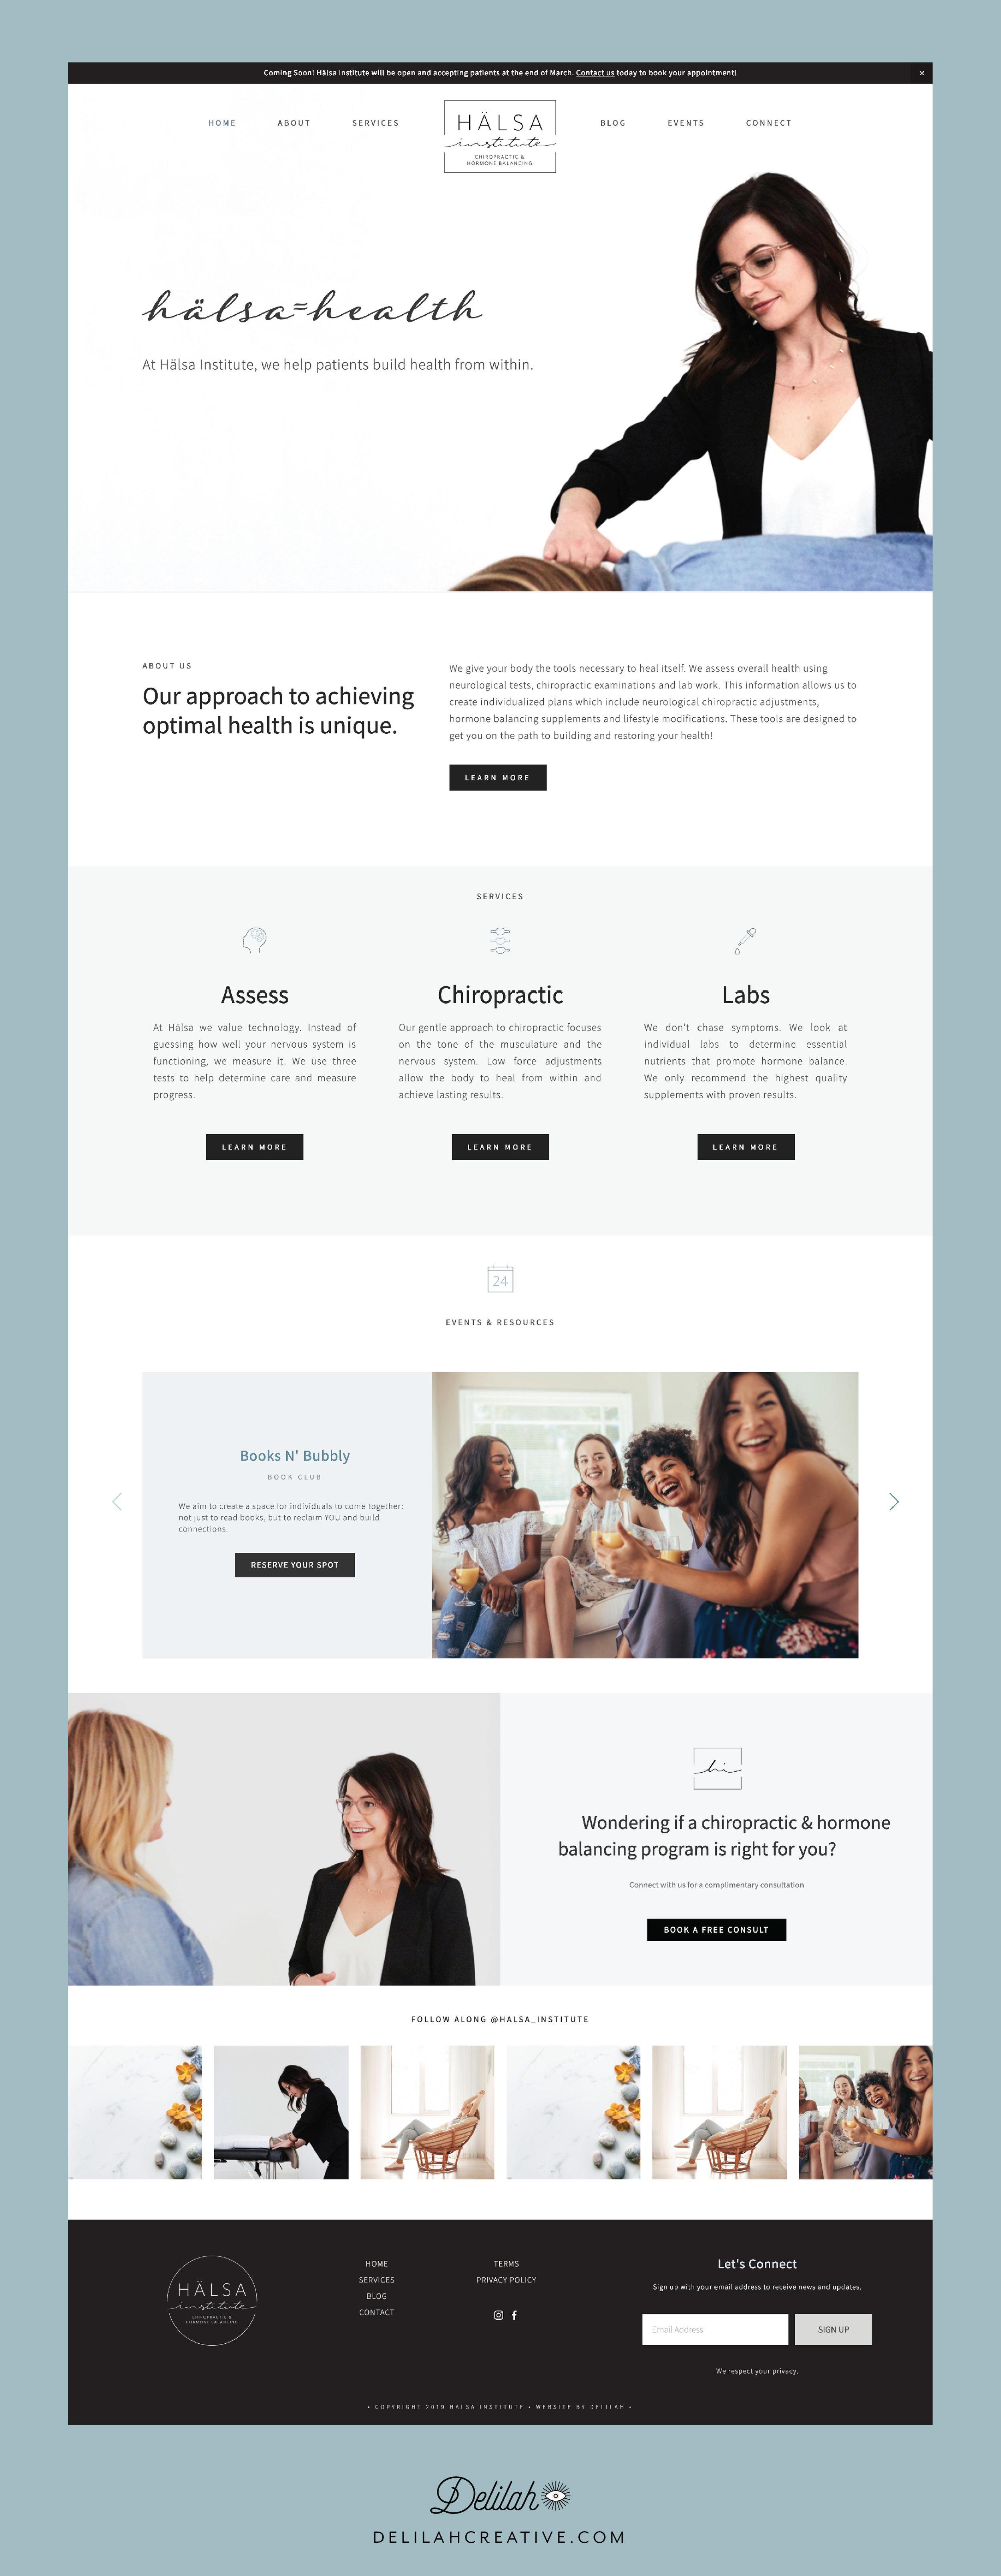 halsa-squarespace-website